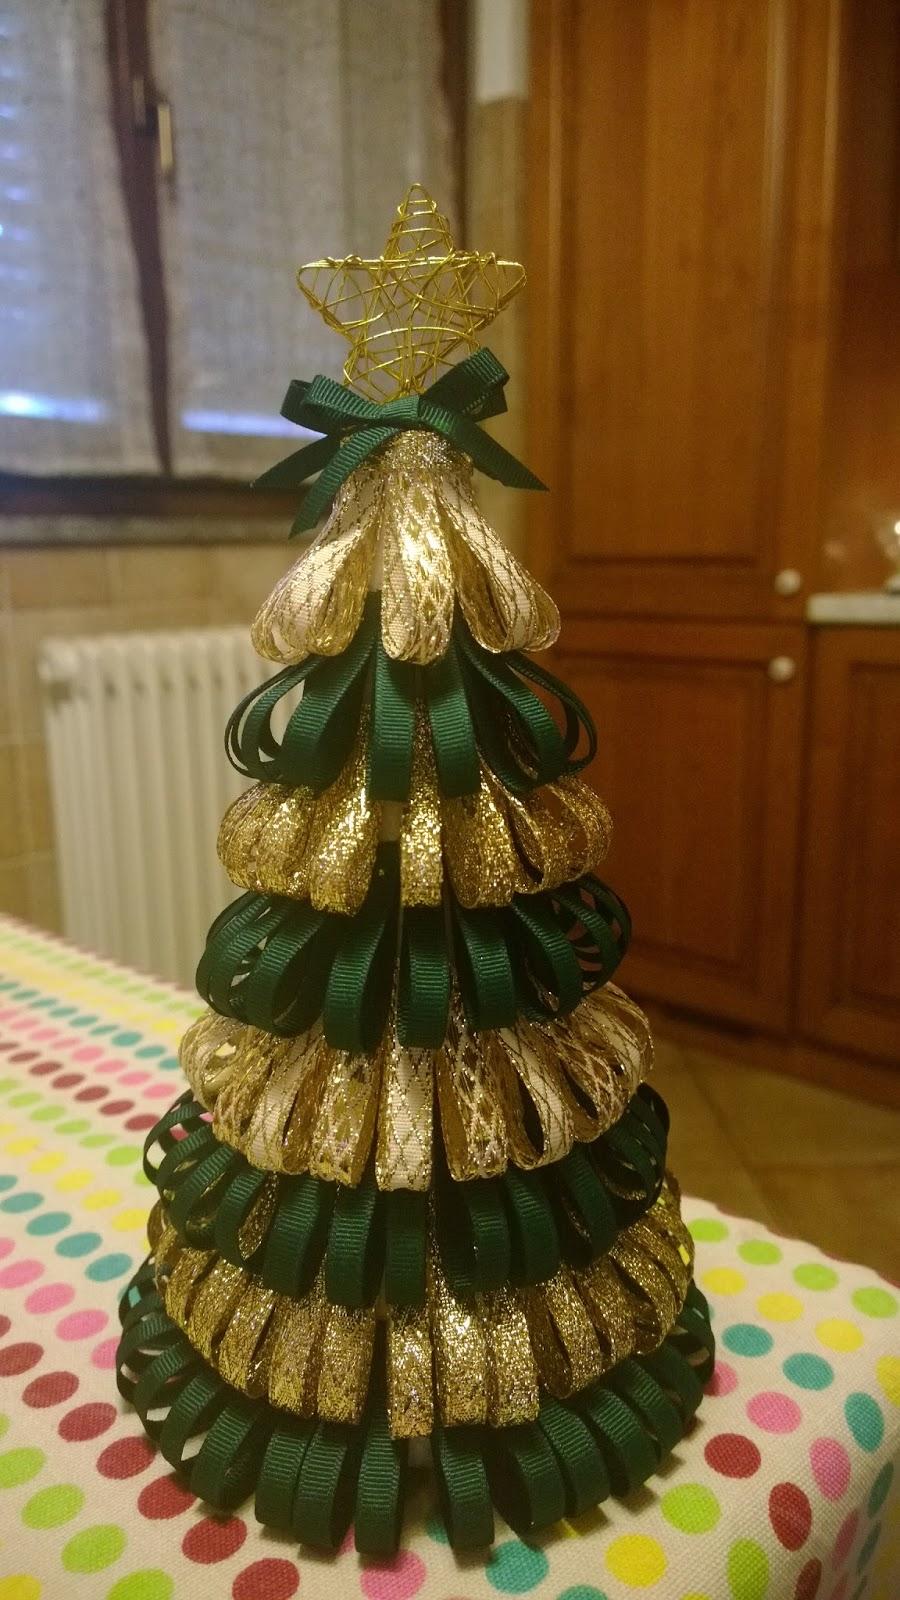 Crealando alberelli di natale con i nastri - Nastri decorativi per albero di natale ...